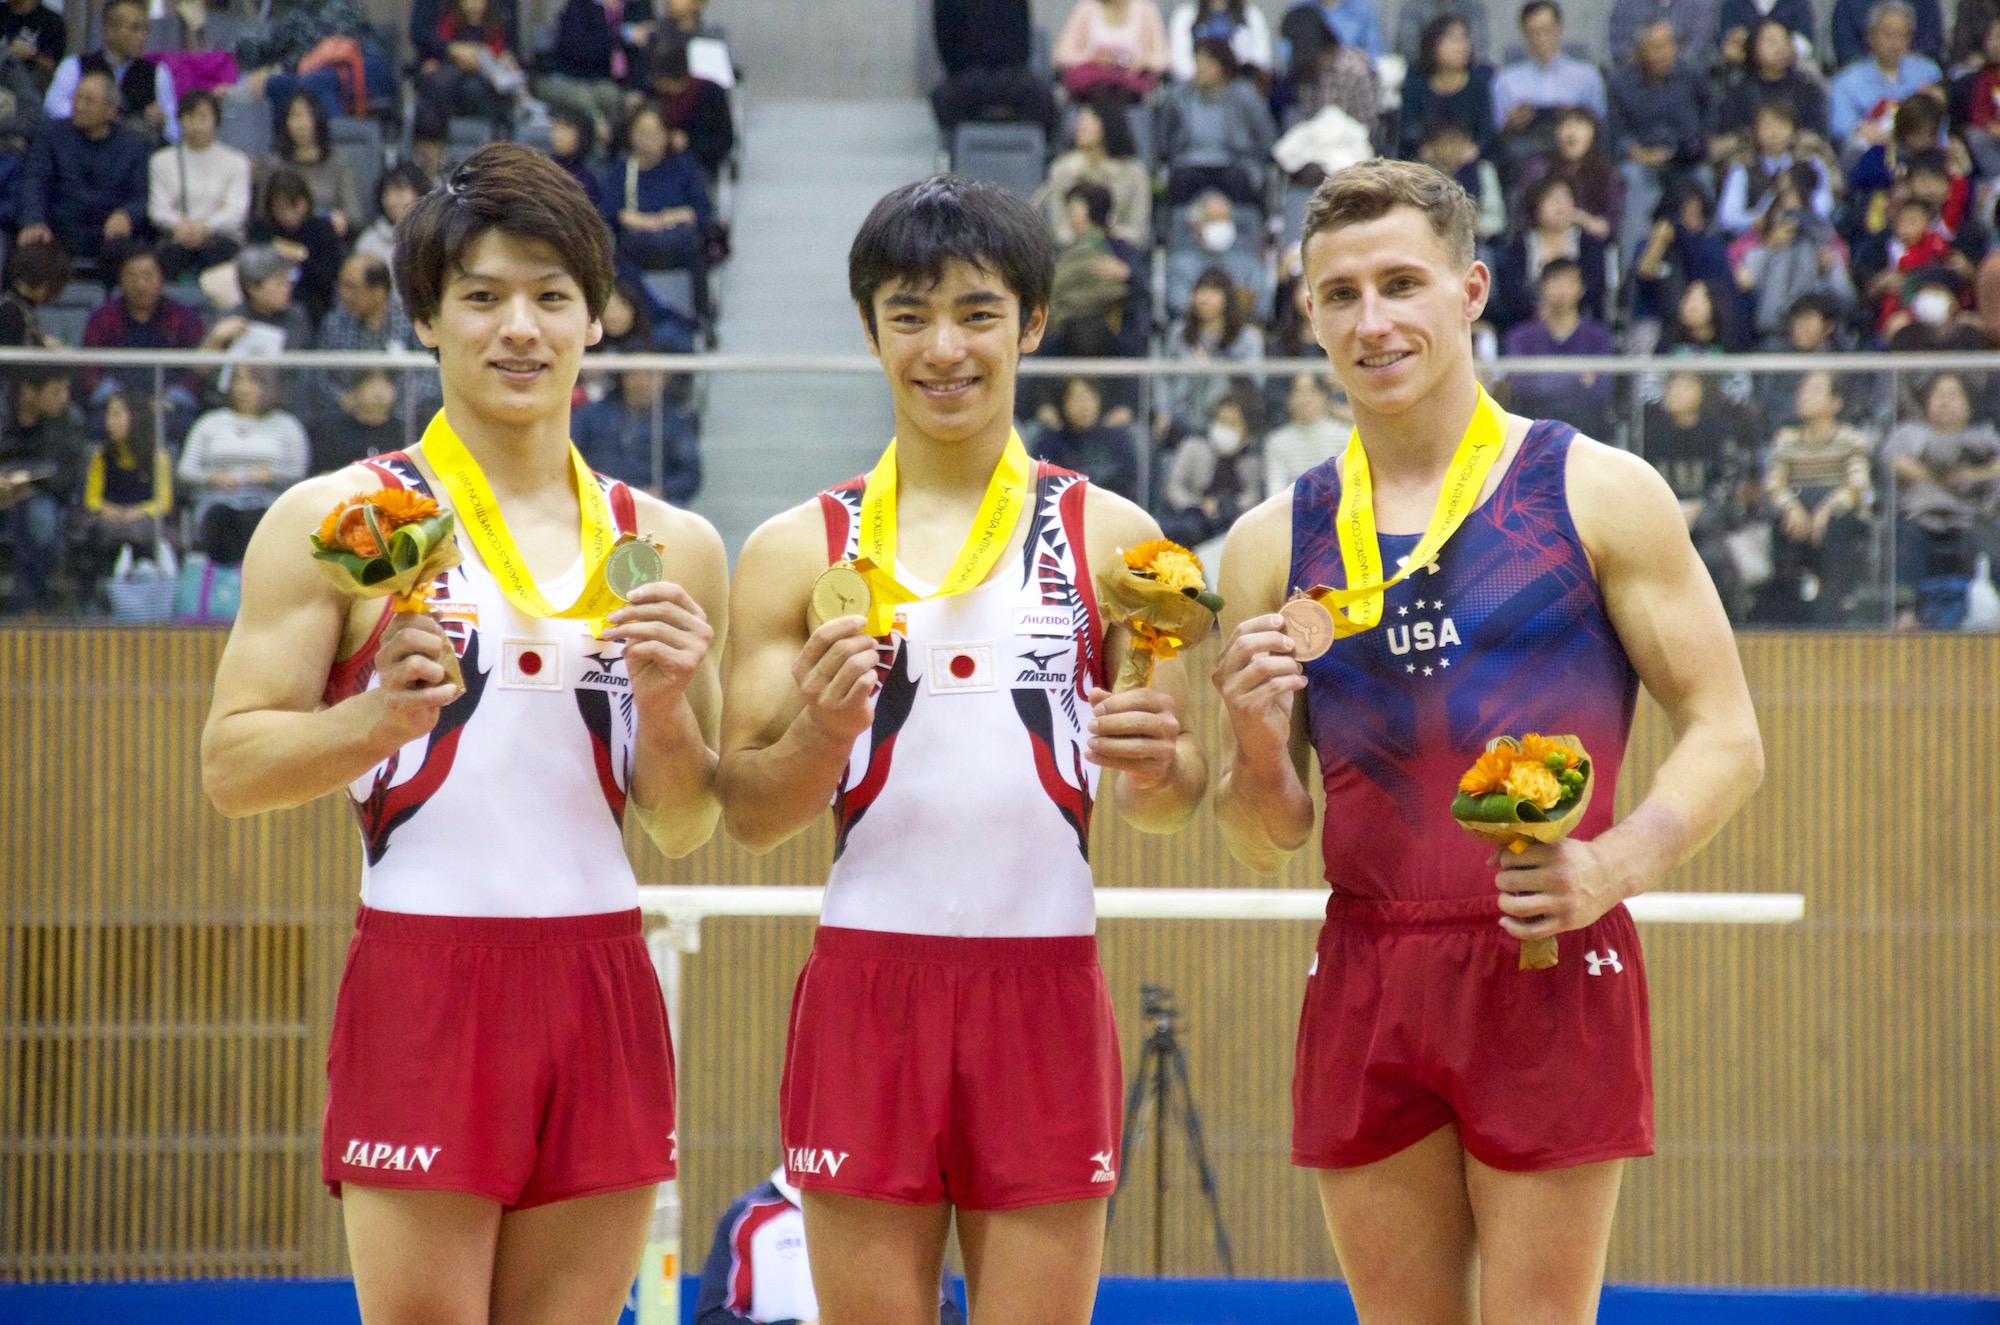 ゆかでメダルを獲得した左から早坂、白井、ペネフ。「自分が世界を引っ張っていきたい」と白井